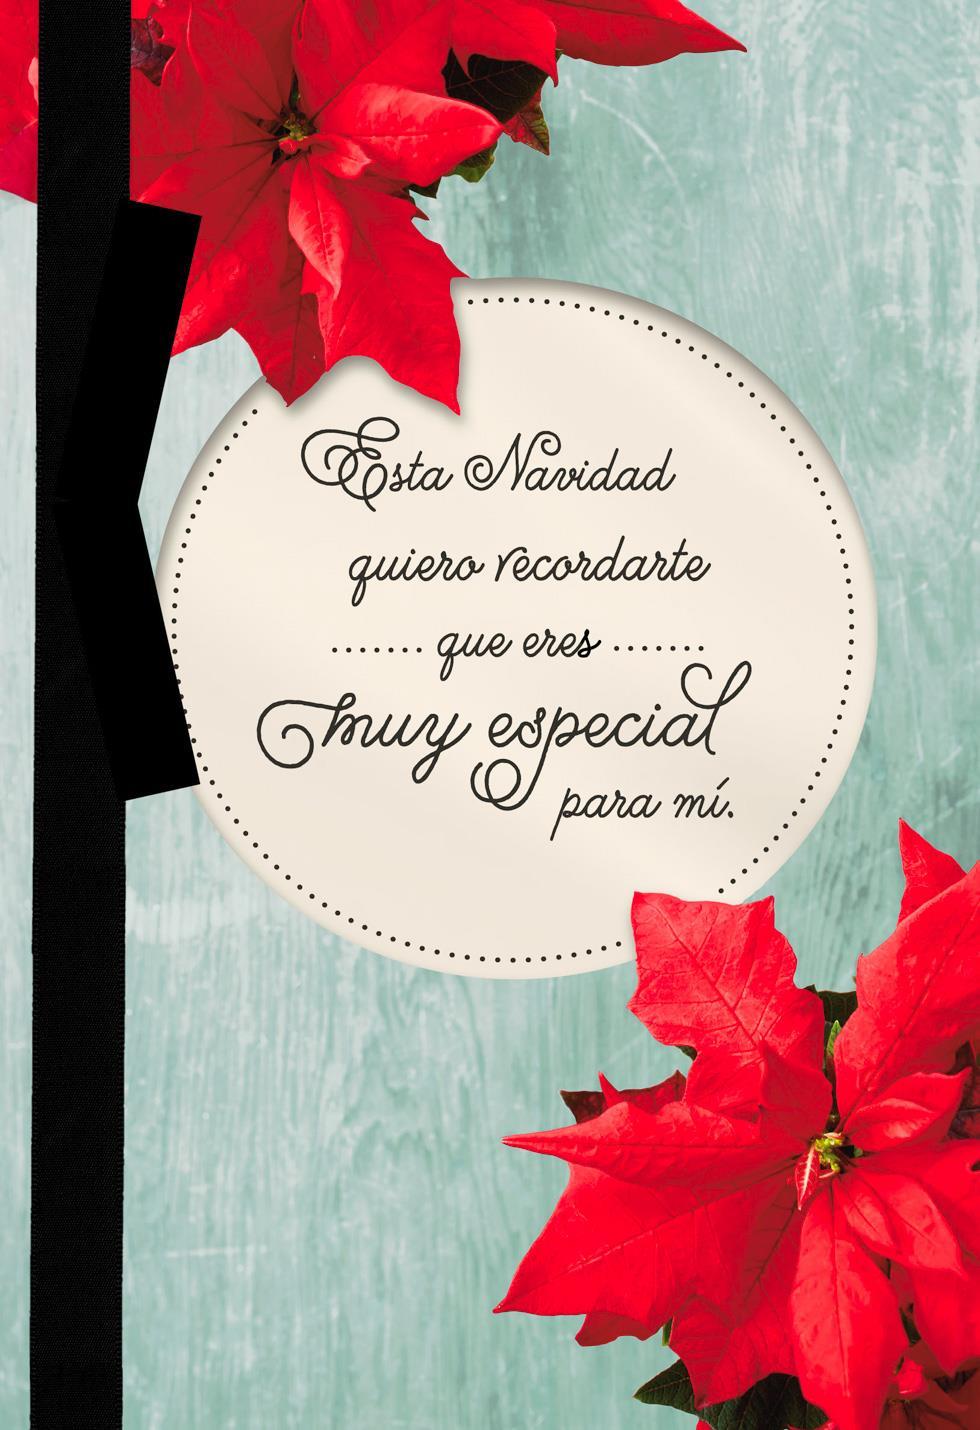 Poinsettias Spanish-Language Christmas Card - Greeting Cards - Hallmark